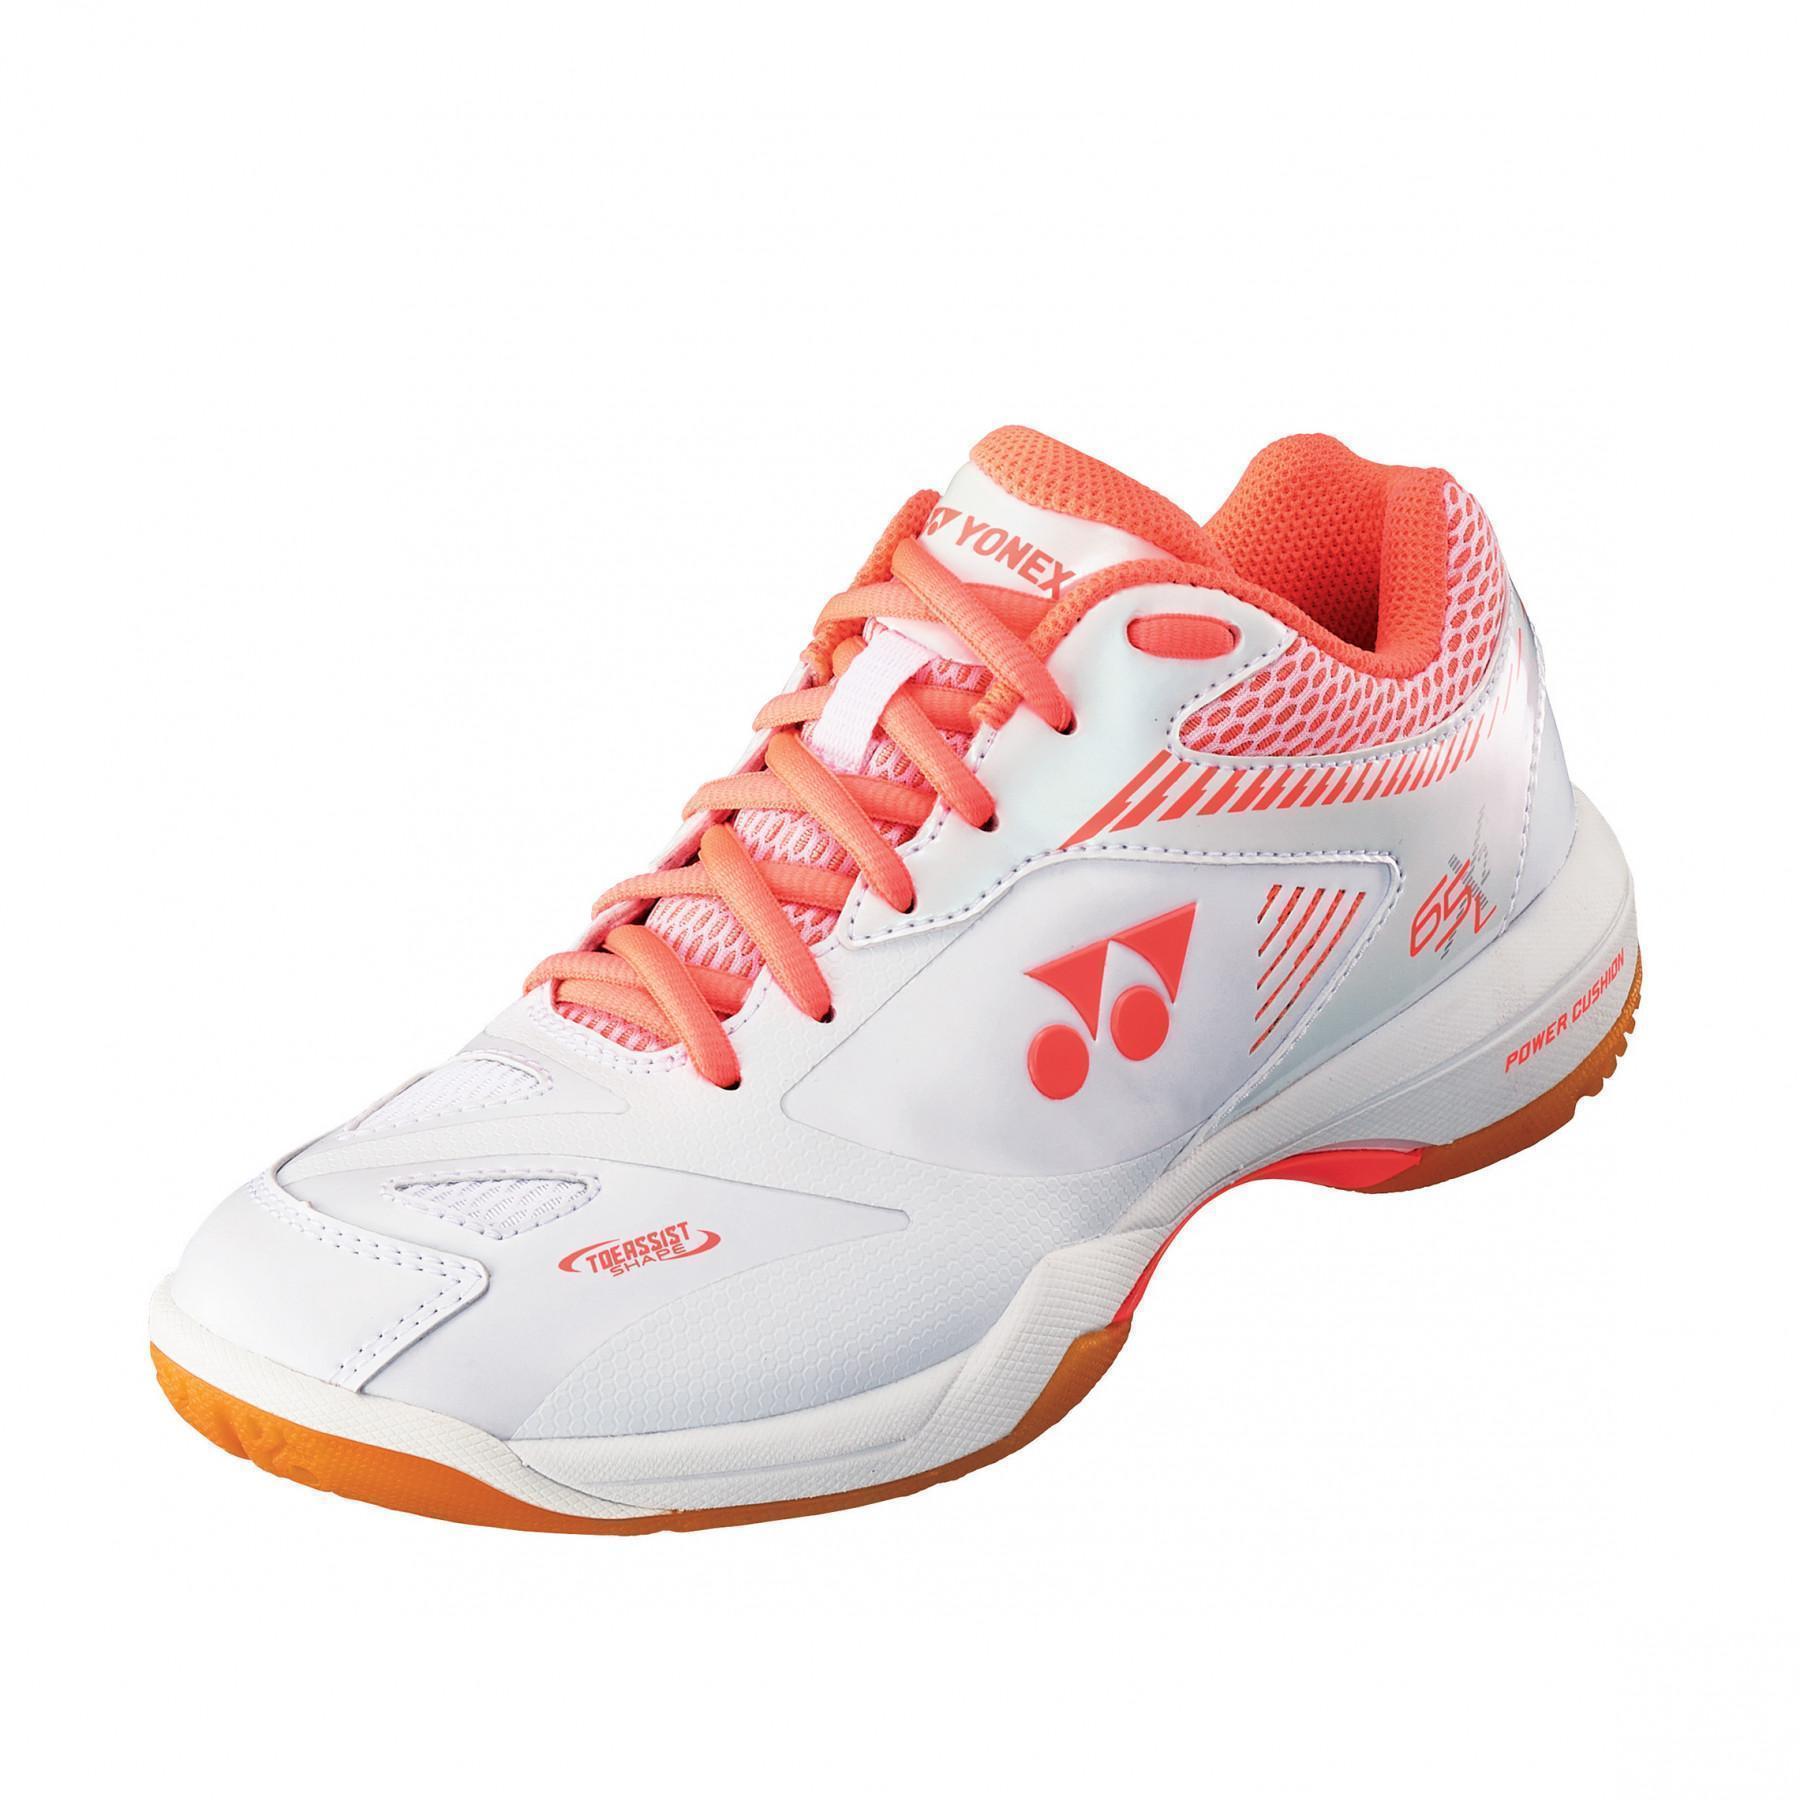 Women's shoes Yonex Power Cushion 65 X2